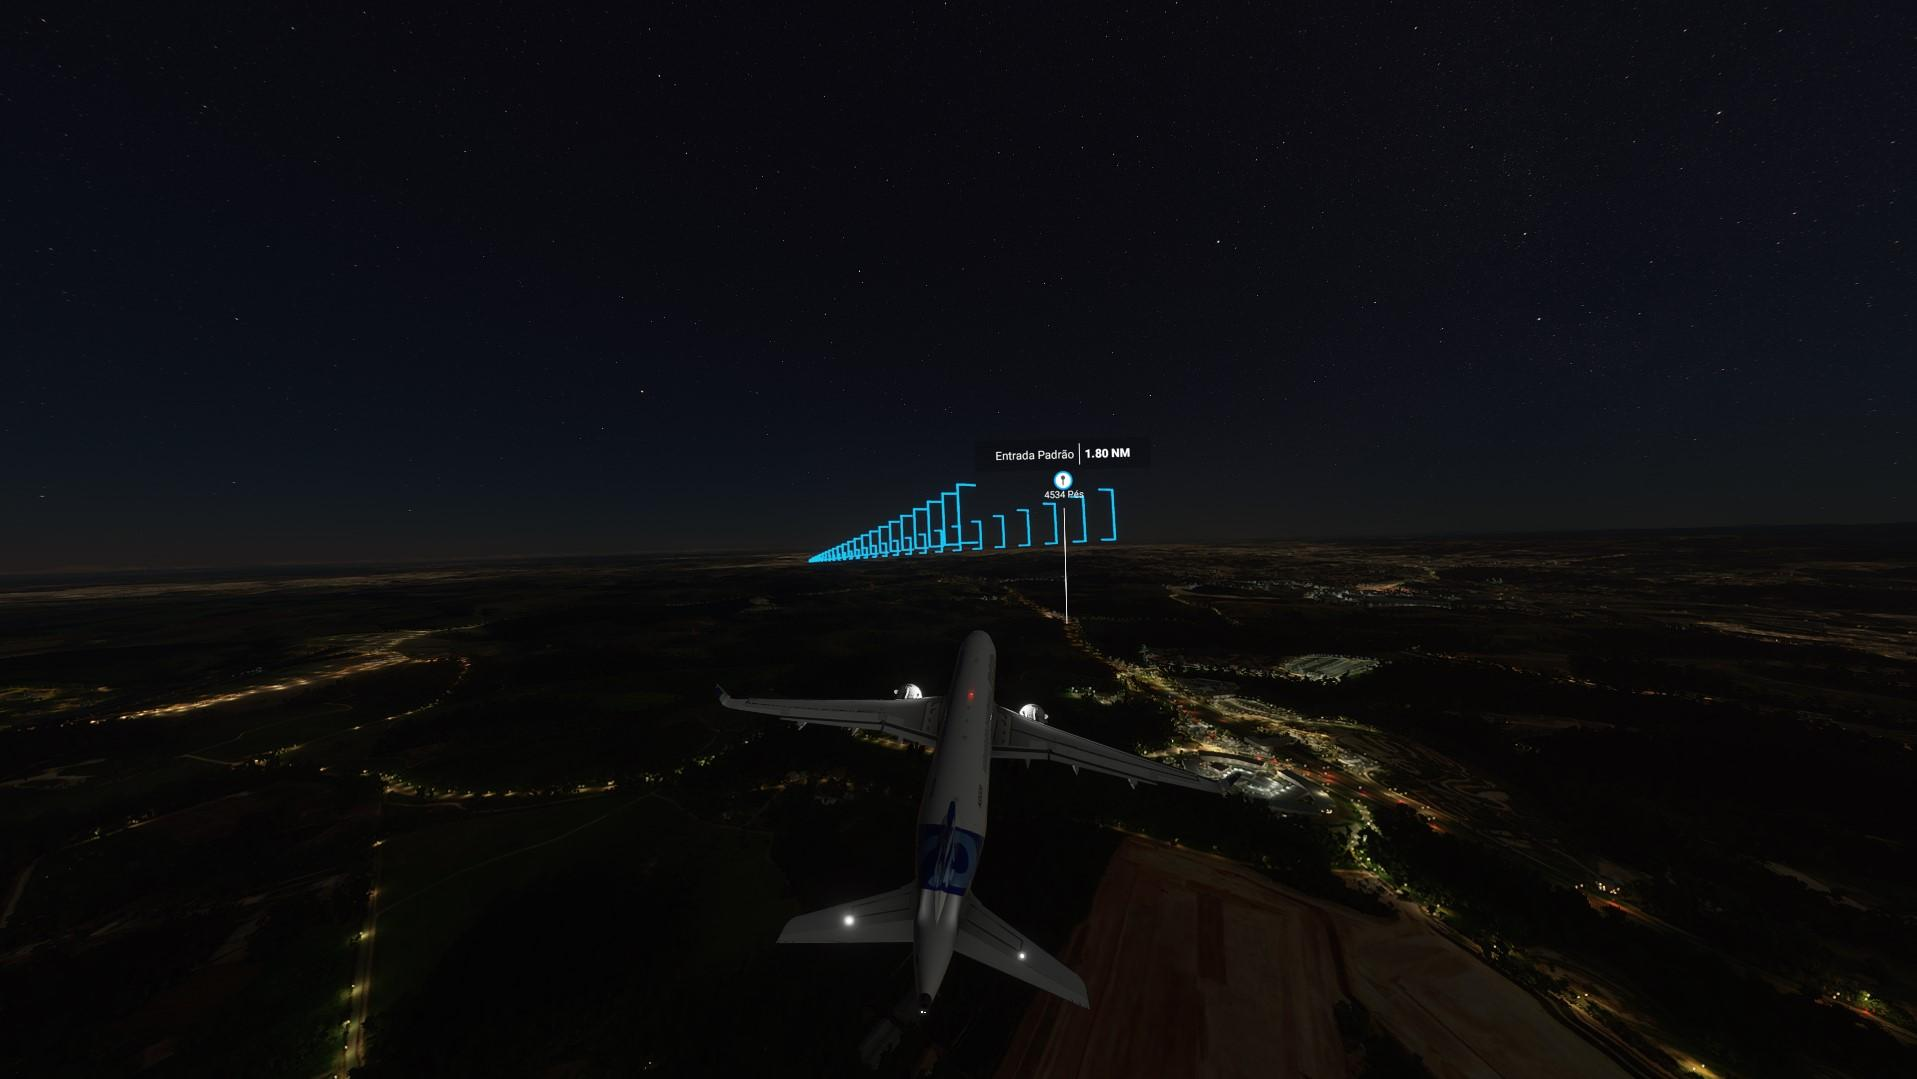 Pousando aviao comercial